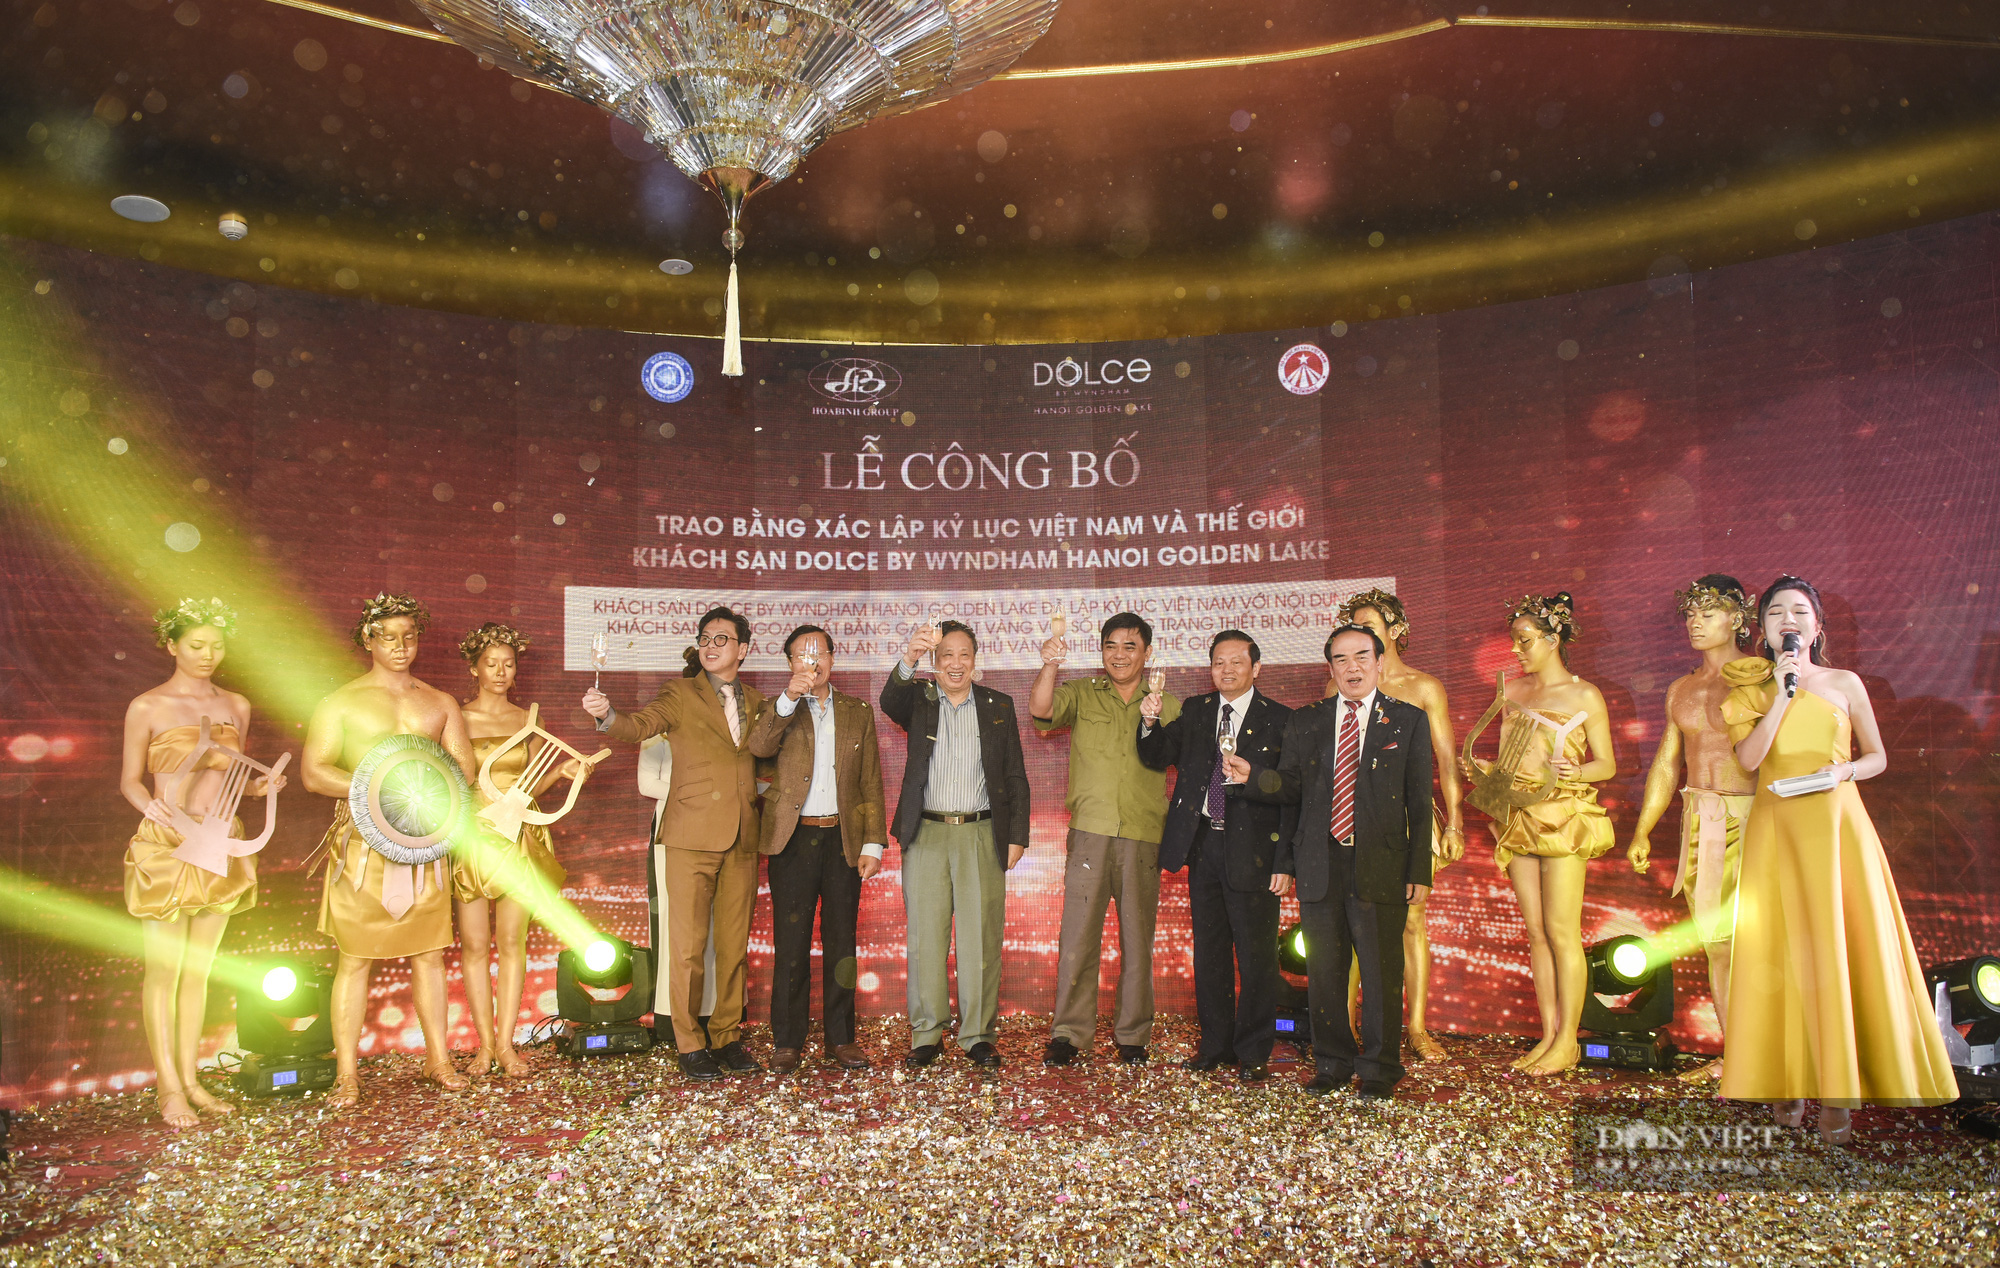 Cận cảnh khách sạn đạt kỷ lục dát nhiều vàng 24k nhất thế giới tại Hà Nội  - Ảnh 11.